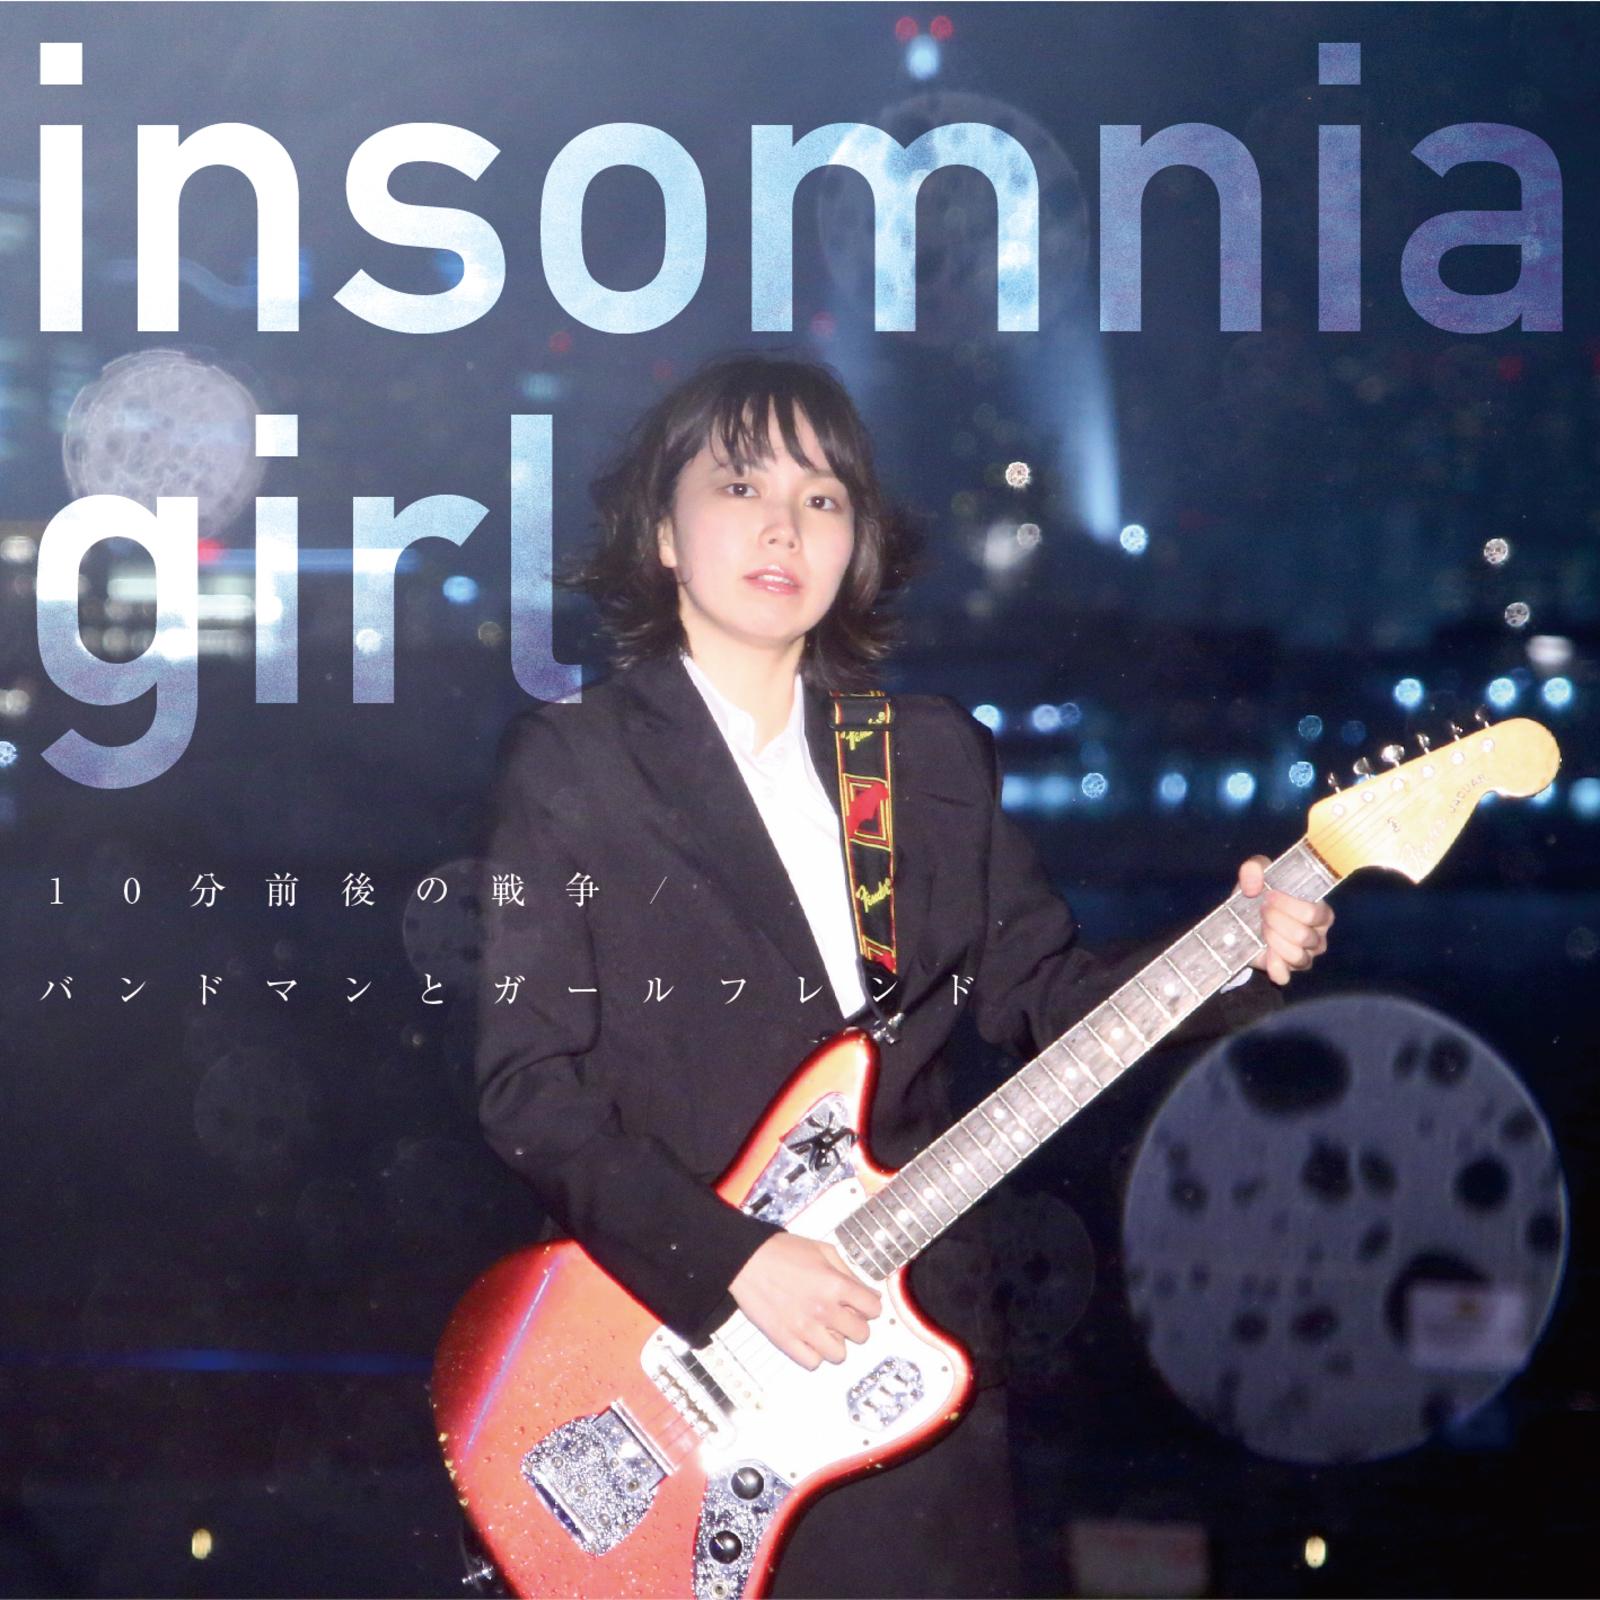 insomnia girl